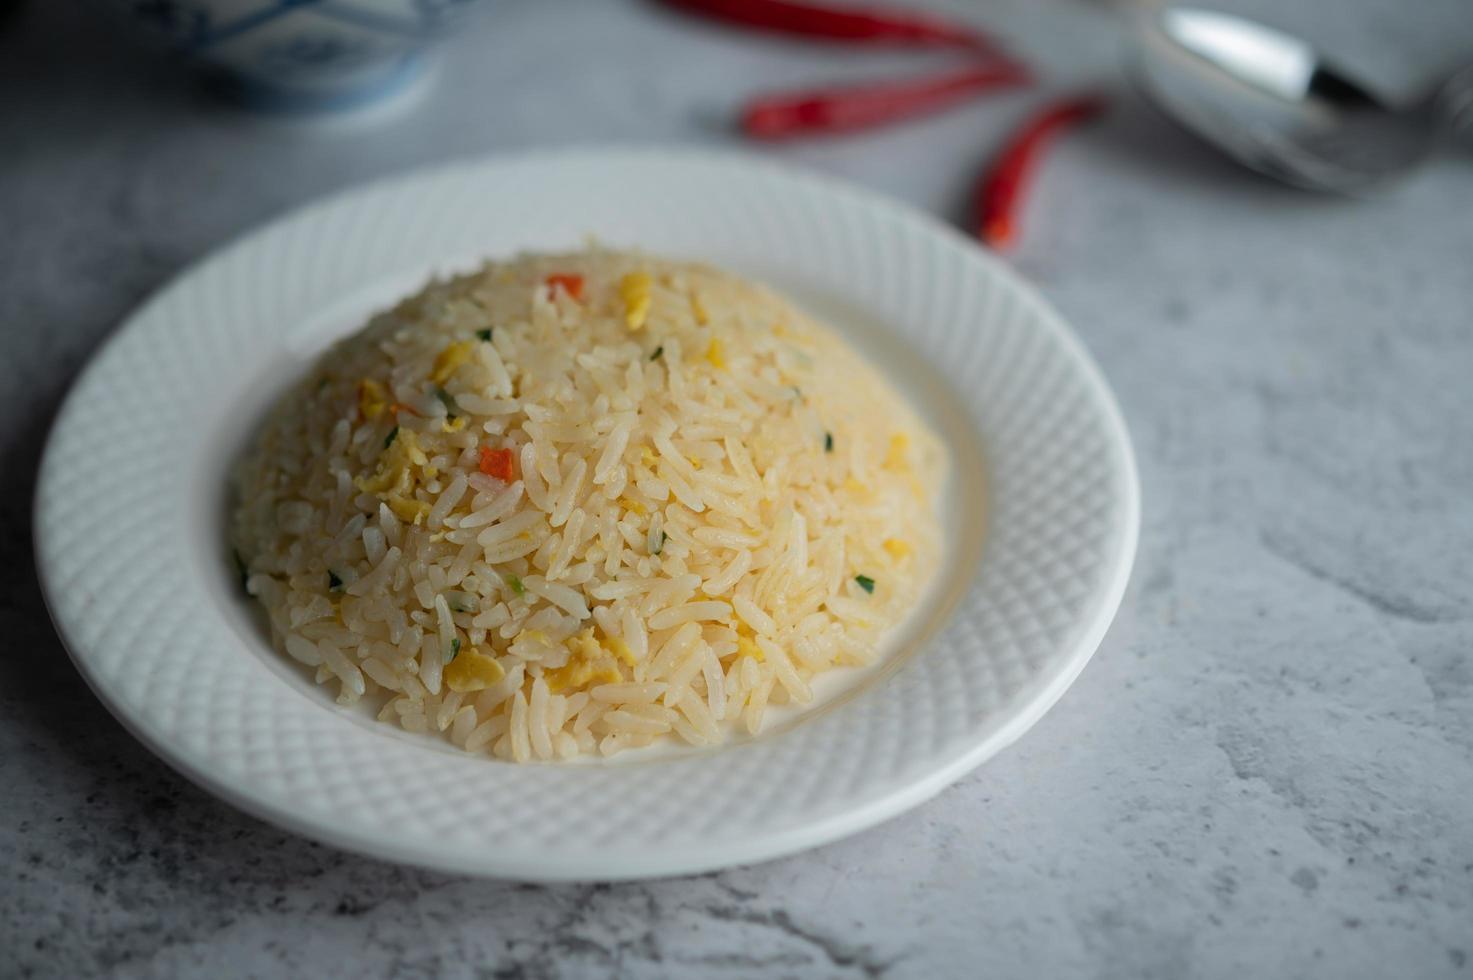 gebakken rijstgerecht foto